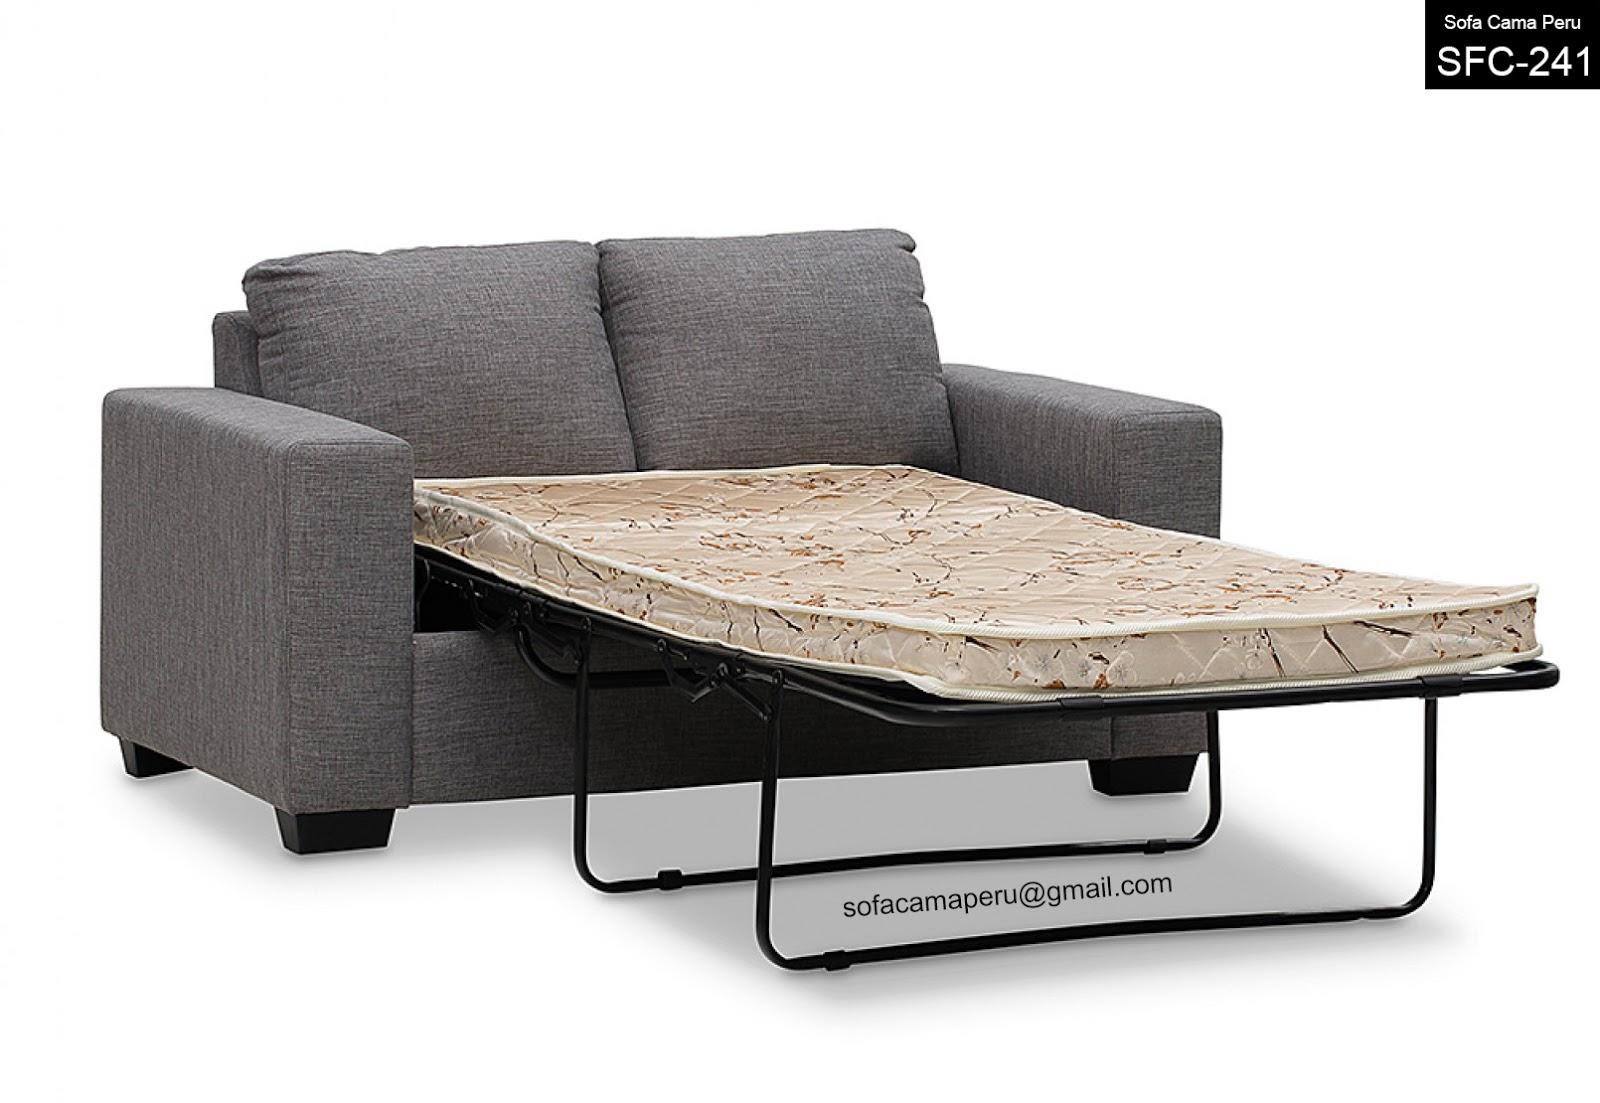 Sofa Sfc Minnie Mouse Flip With Slumber Mueble PerÚ Muebles De Sala